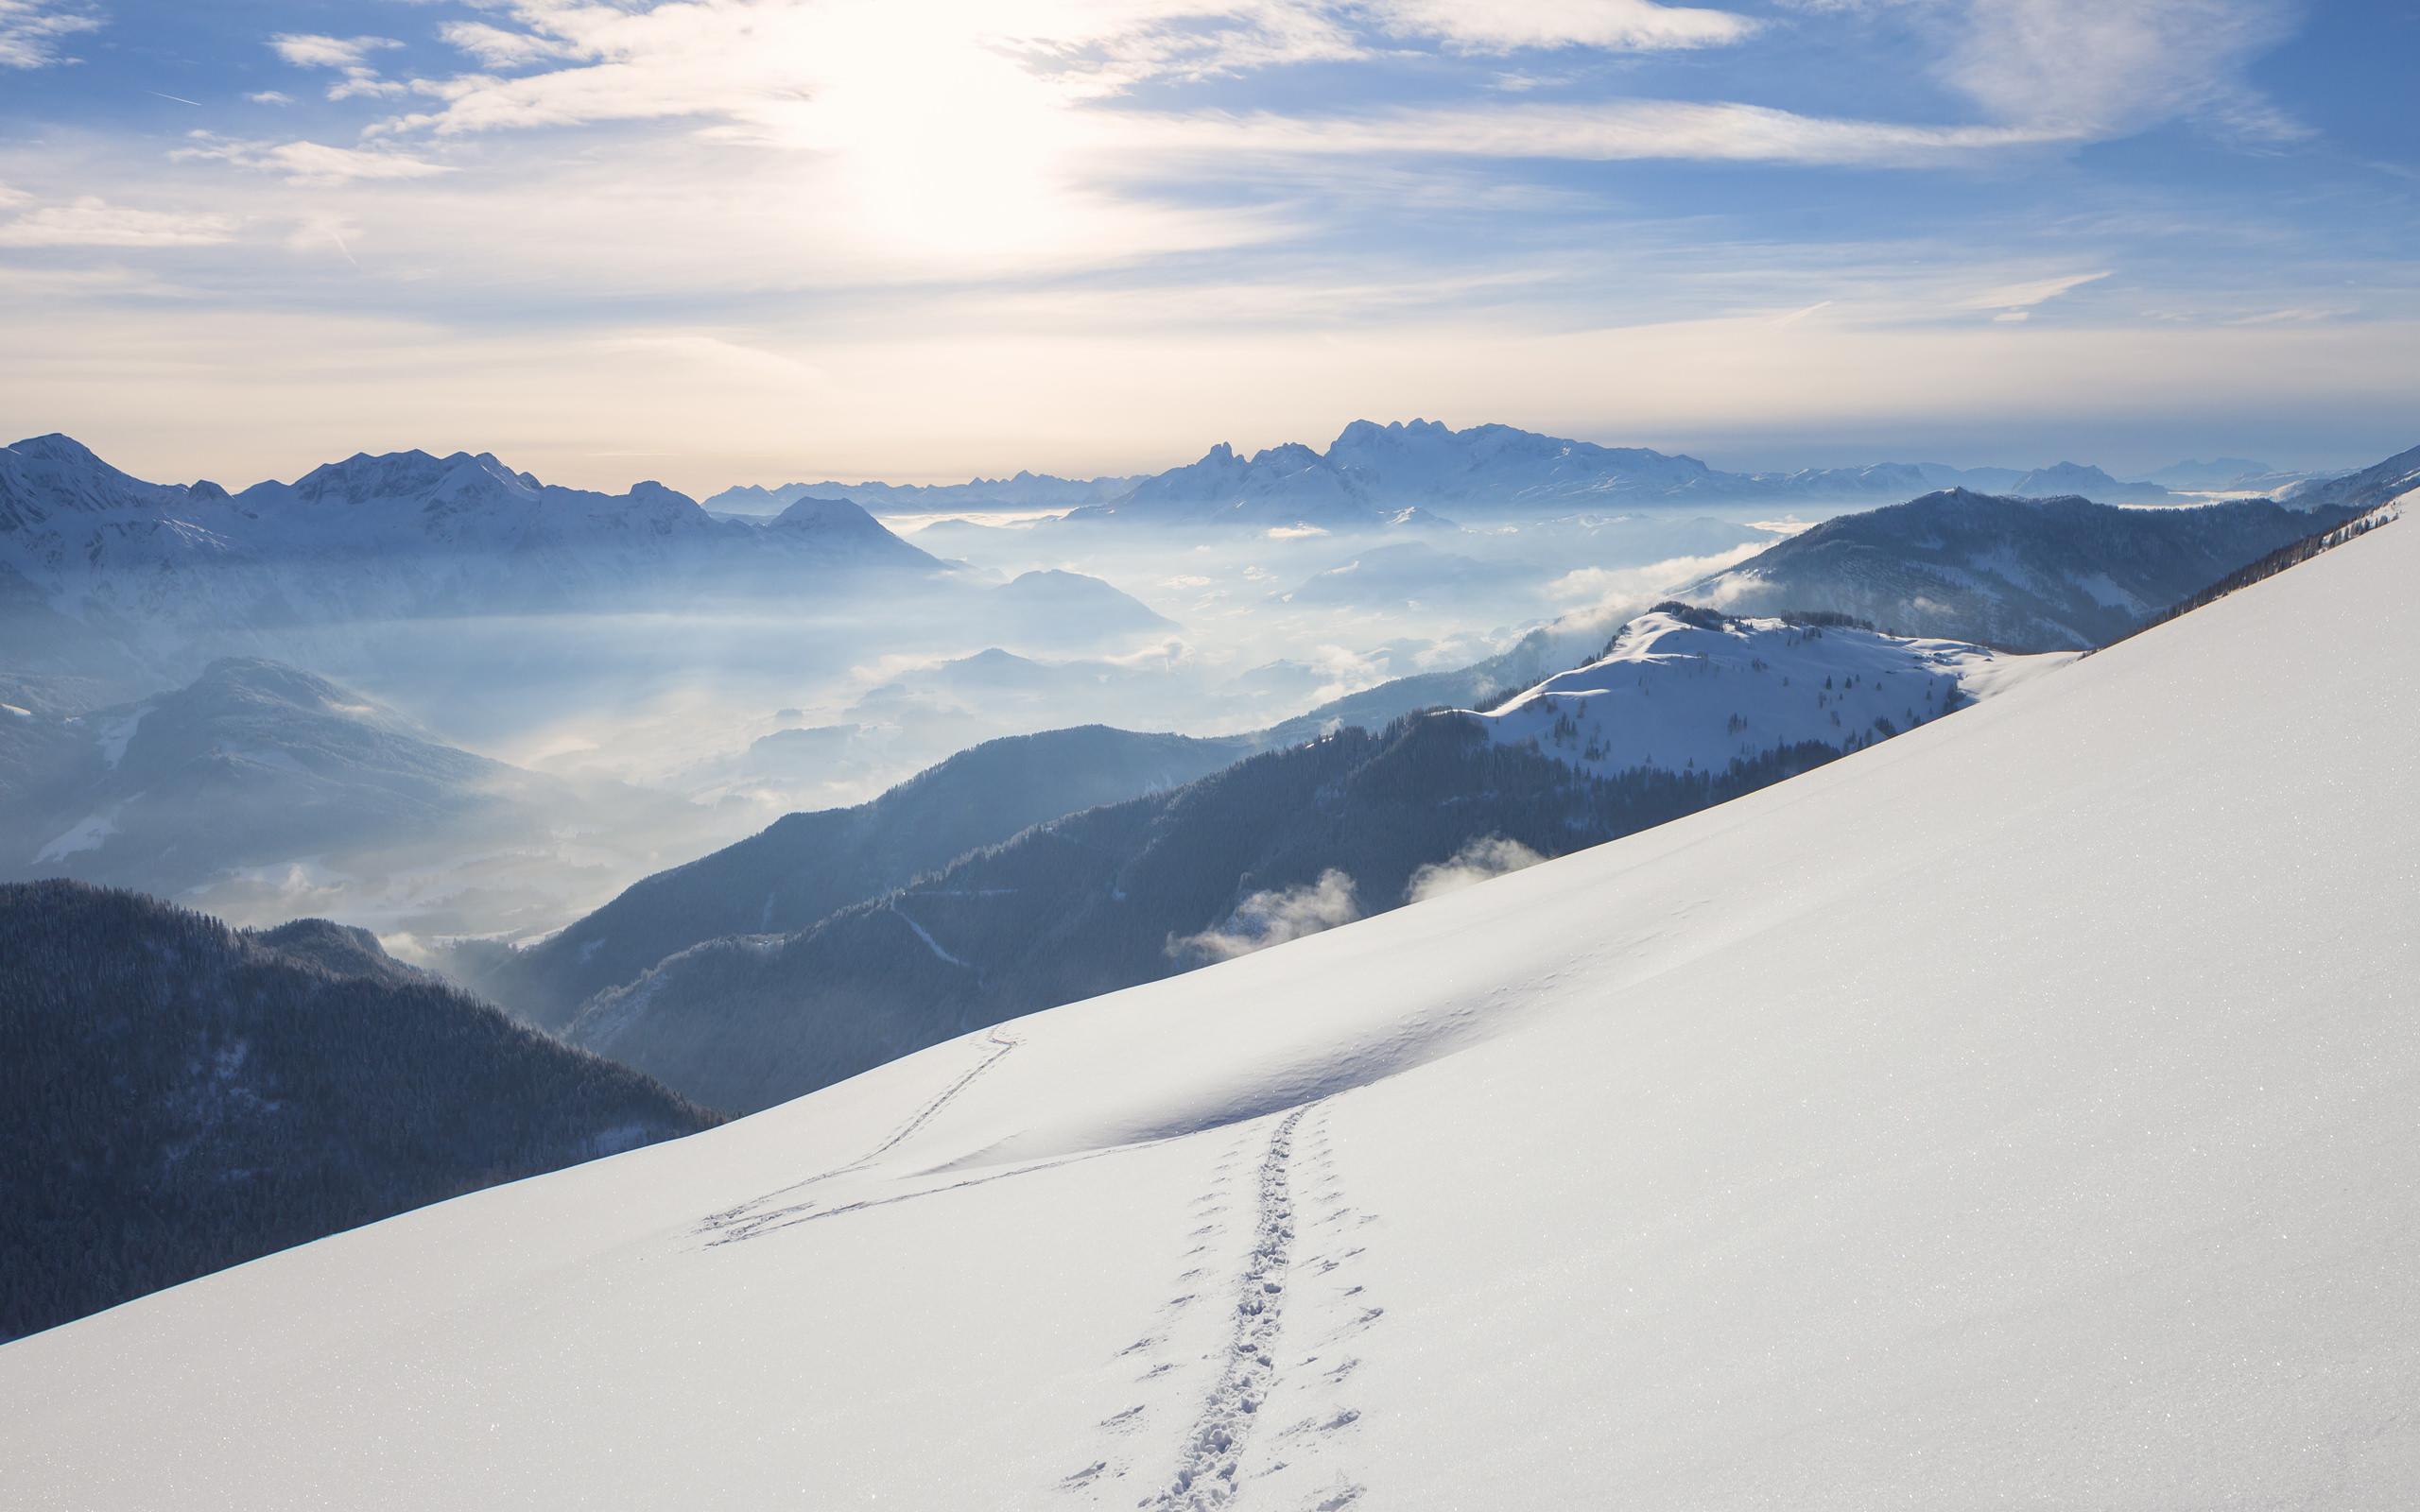 snow mountains windows 10 wallpaper